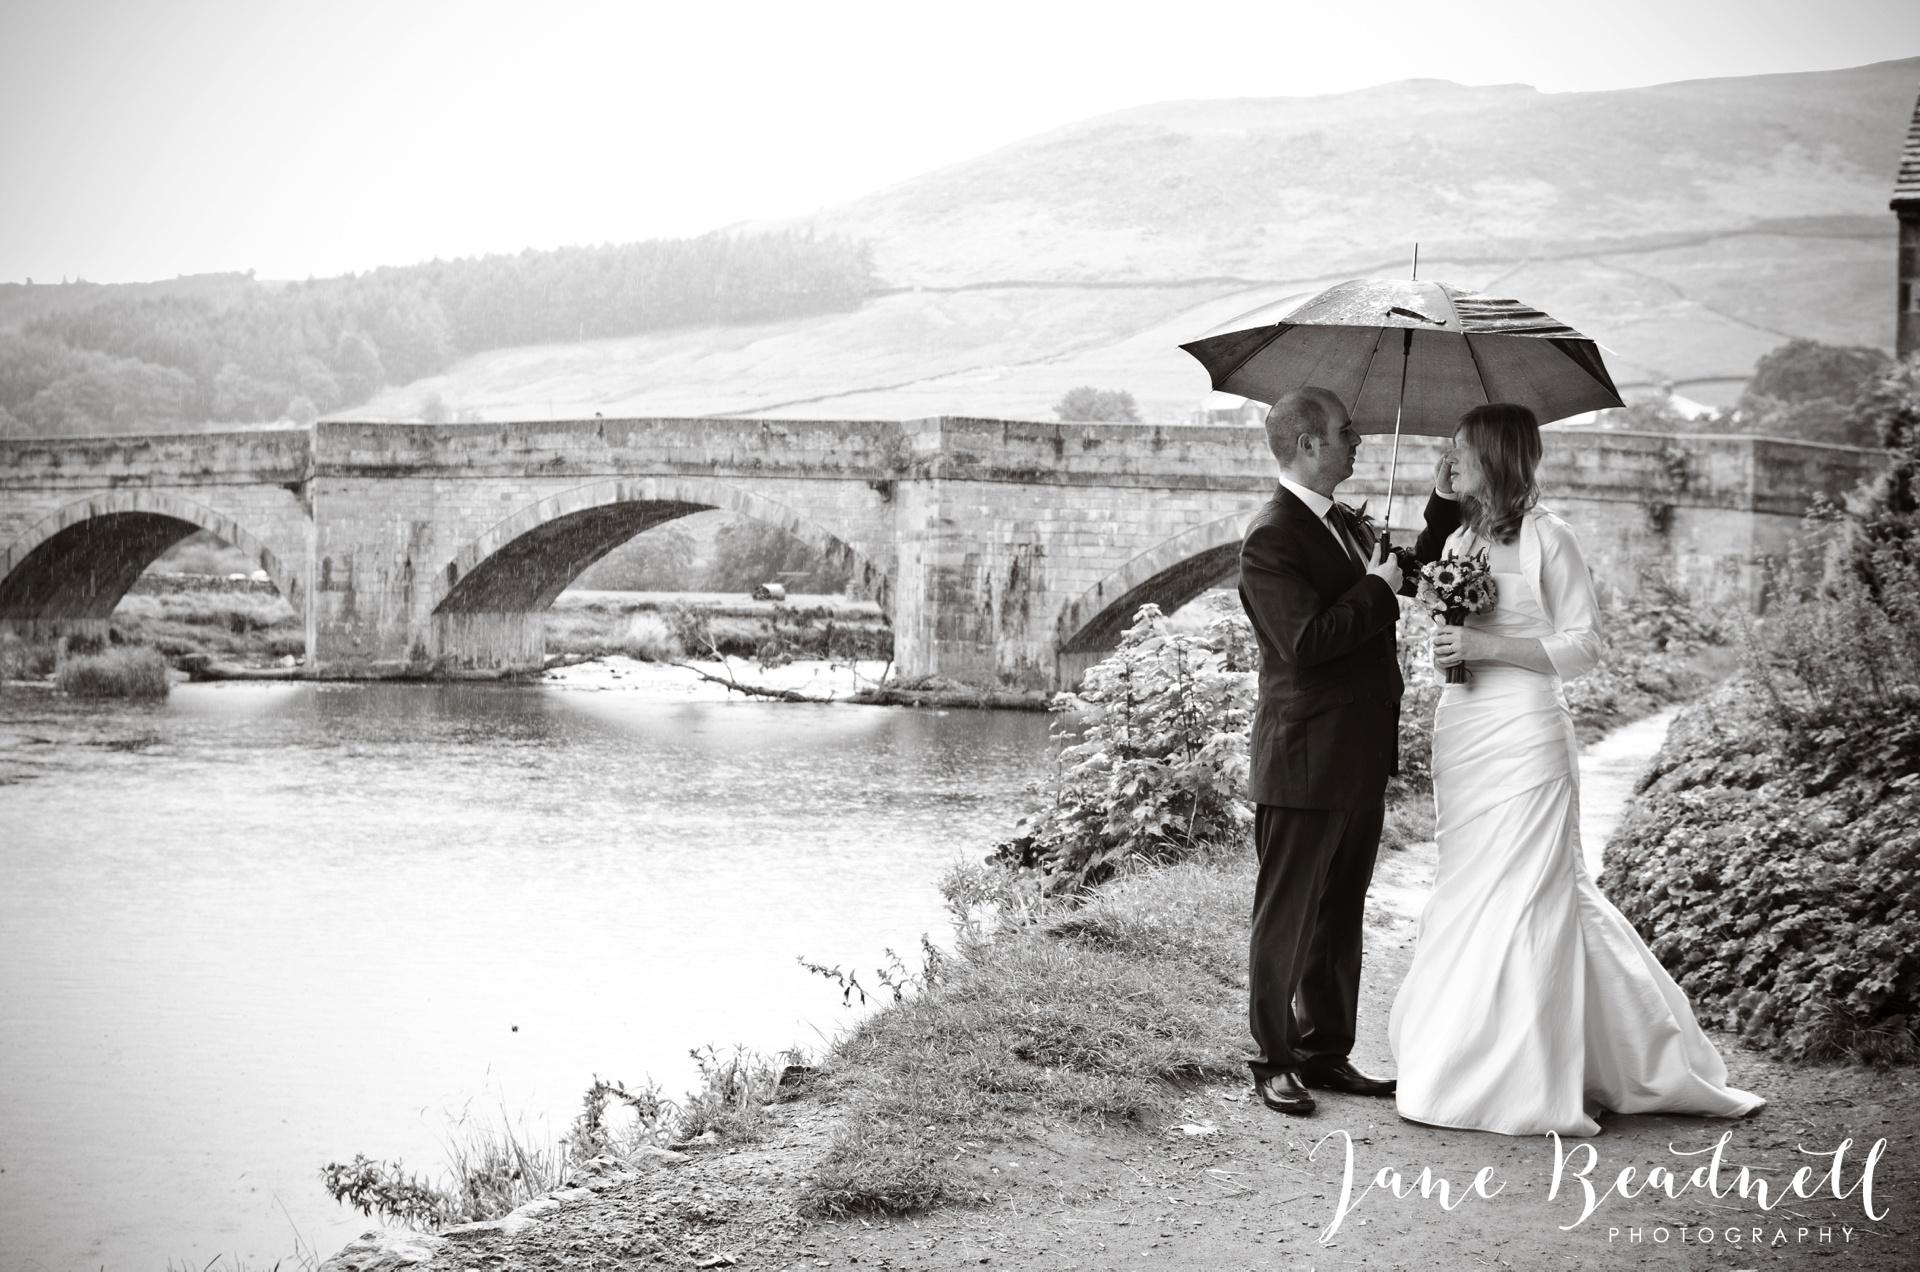 creative wedding photographer Leeds Jane Beadnell wedding photographer_0005